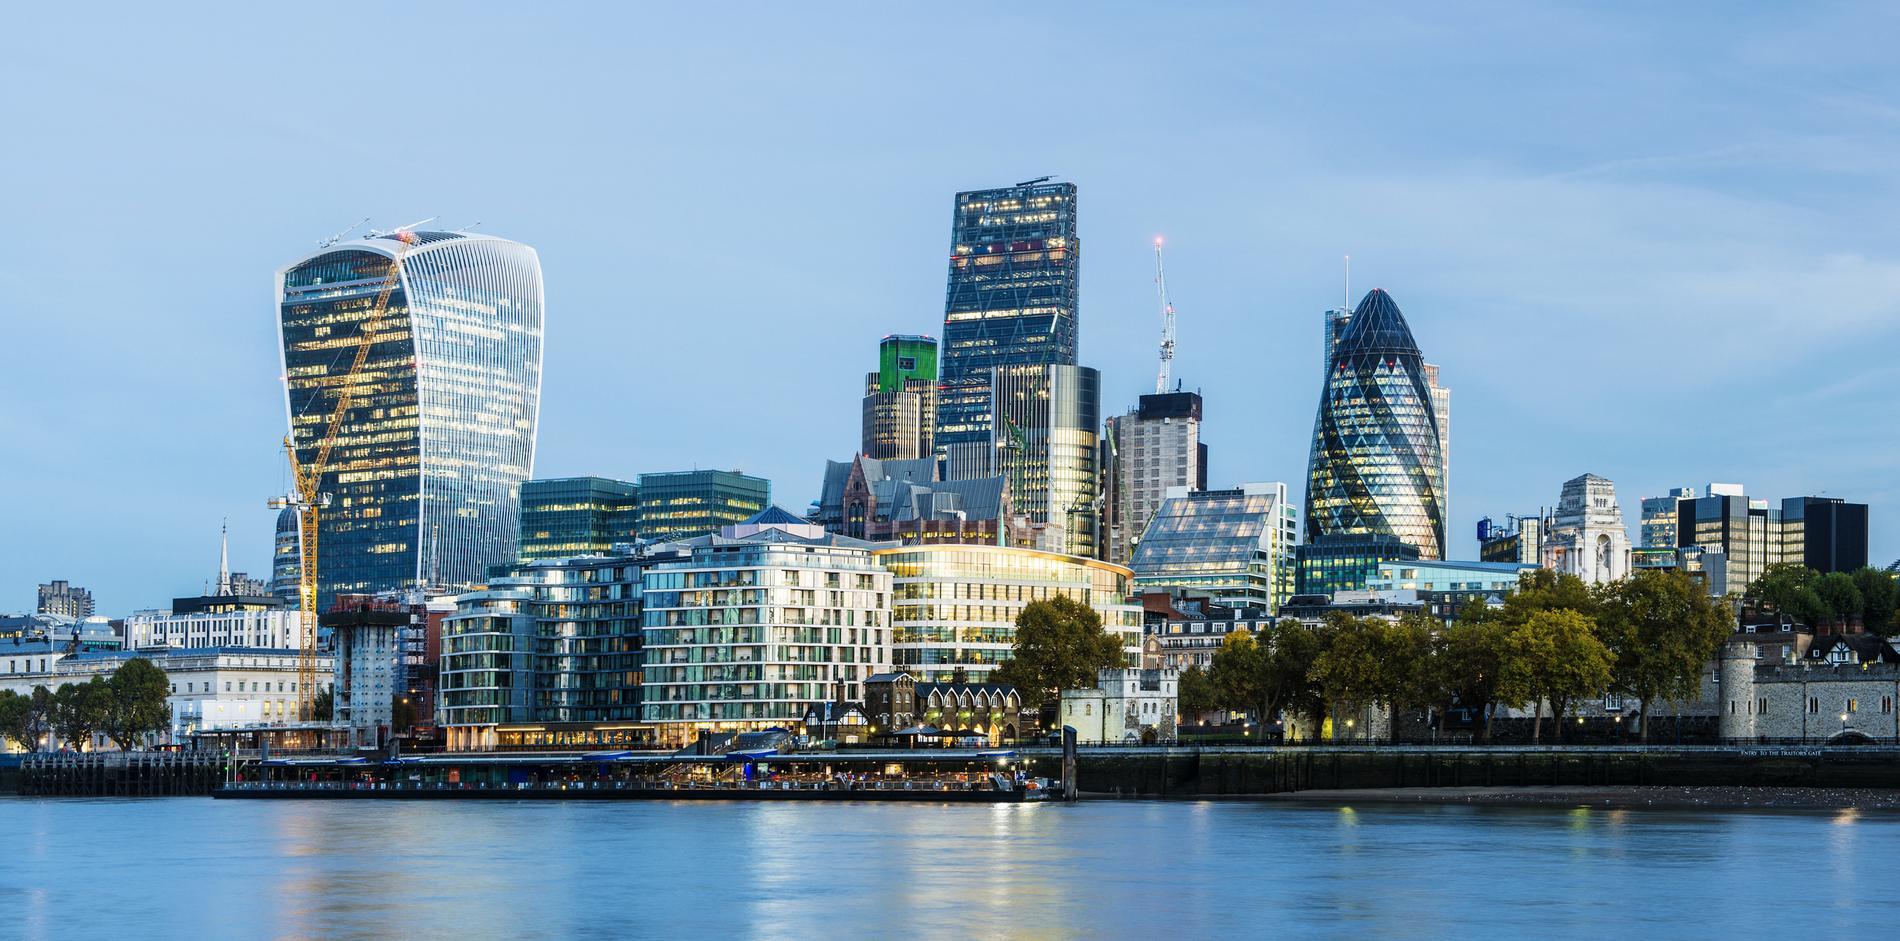 Appart hôtel Londres : cherchez-vous où résider ?